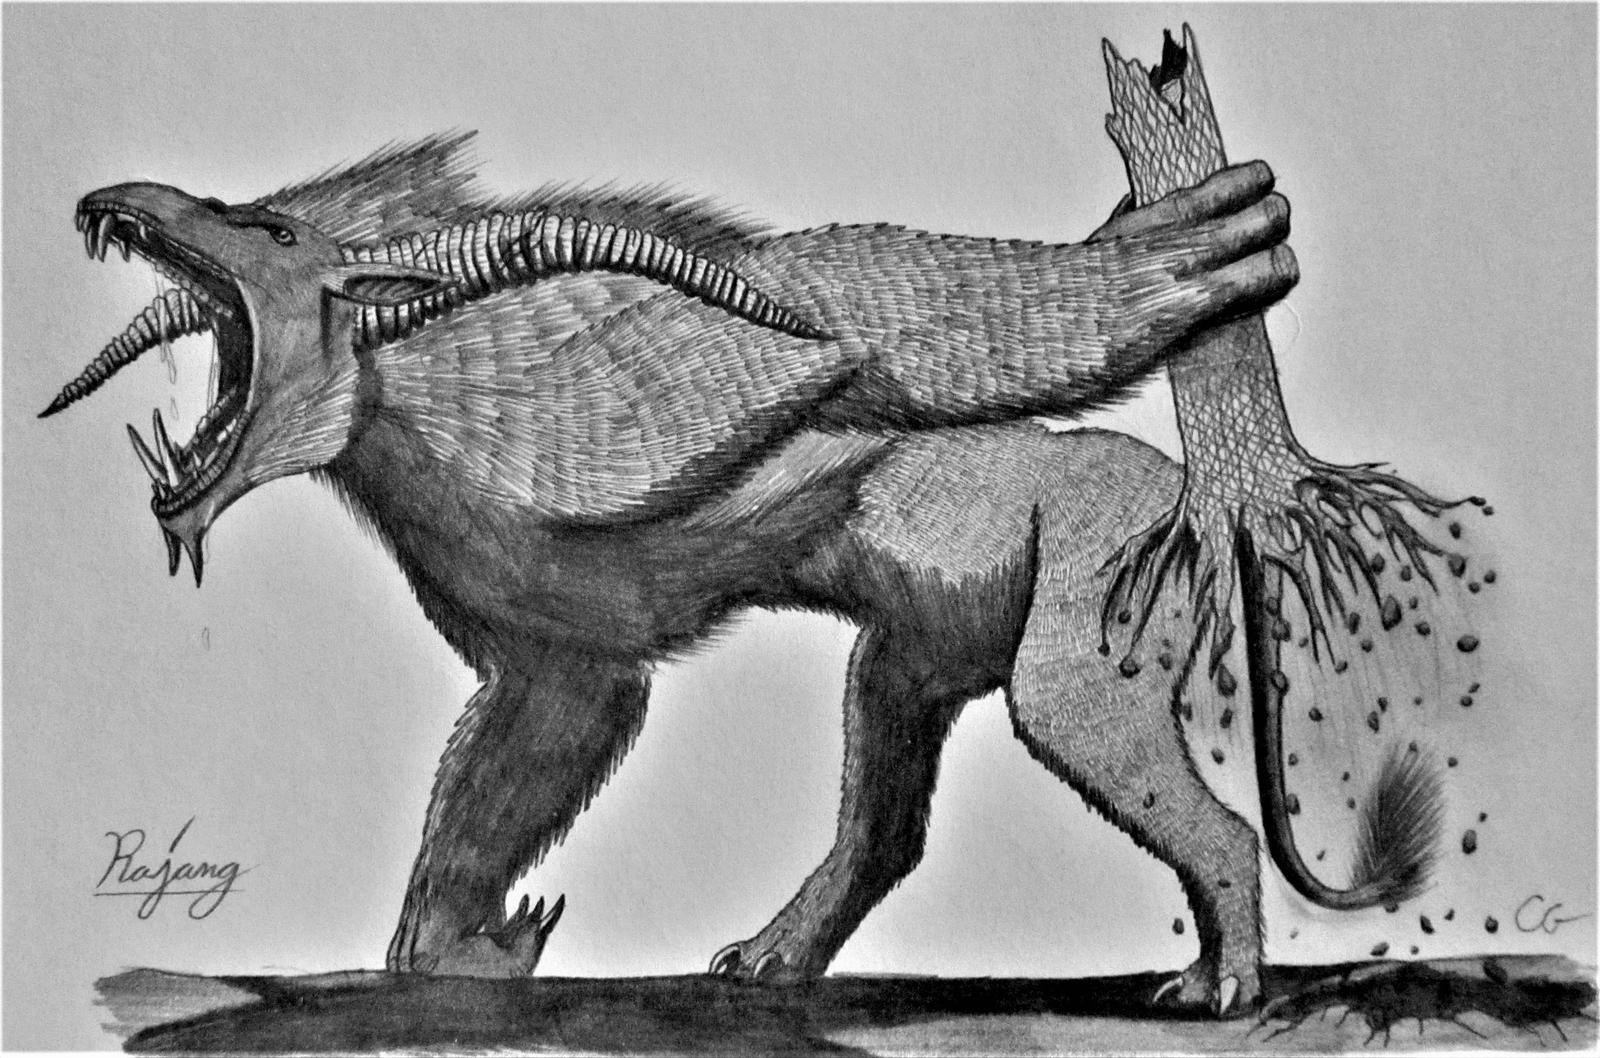 Monster hunter rajang by acrosaurotaurus on deviantart